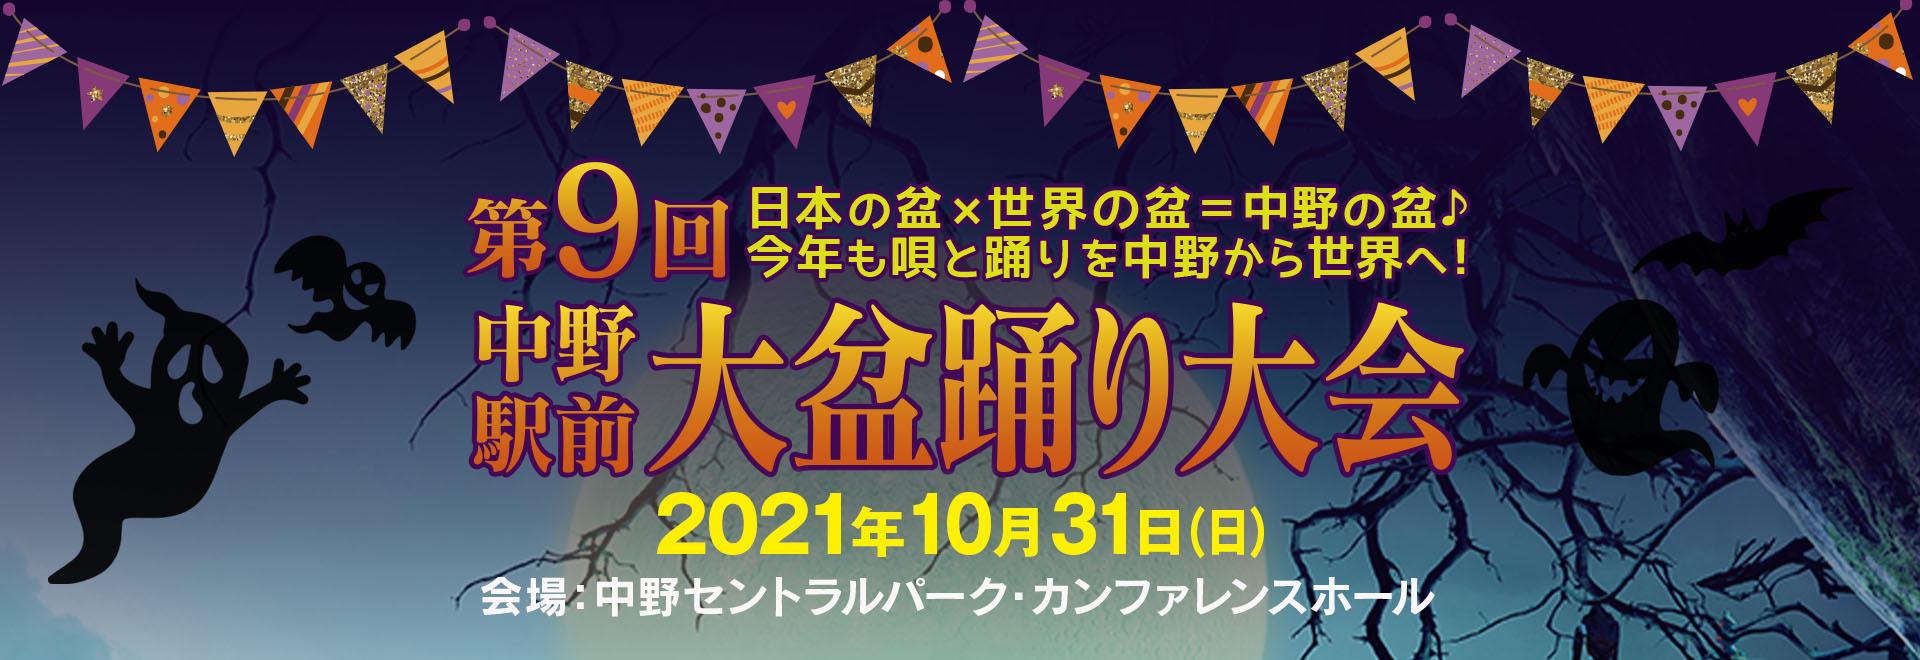 第9回 中野駅前大盆踊り大会